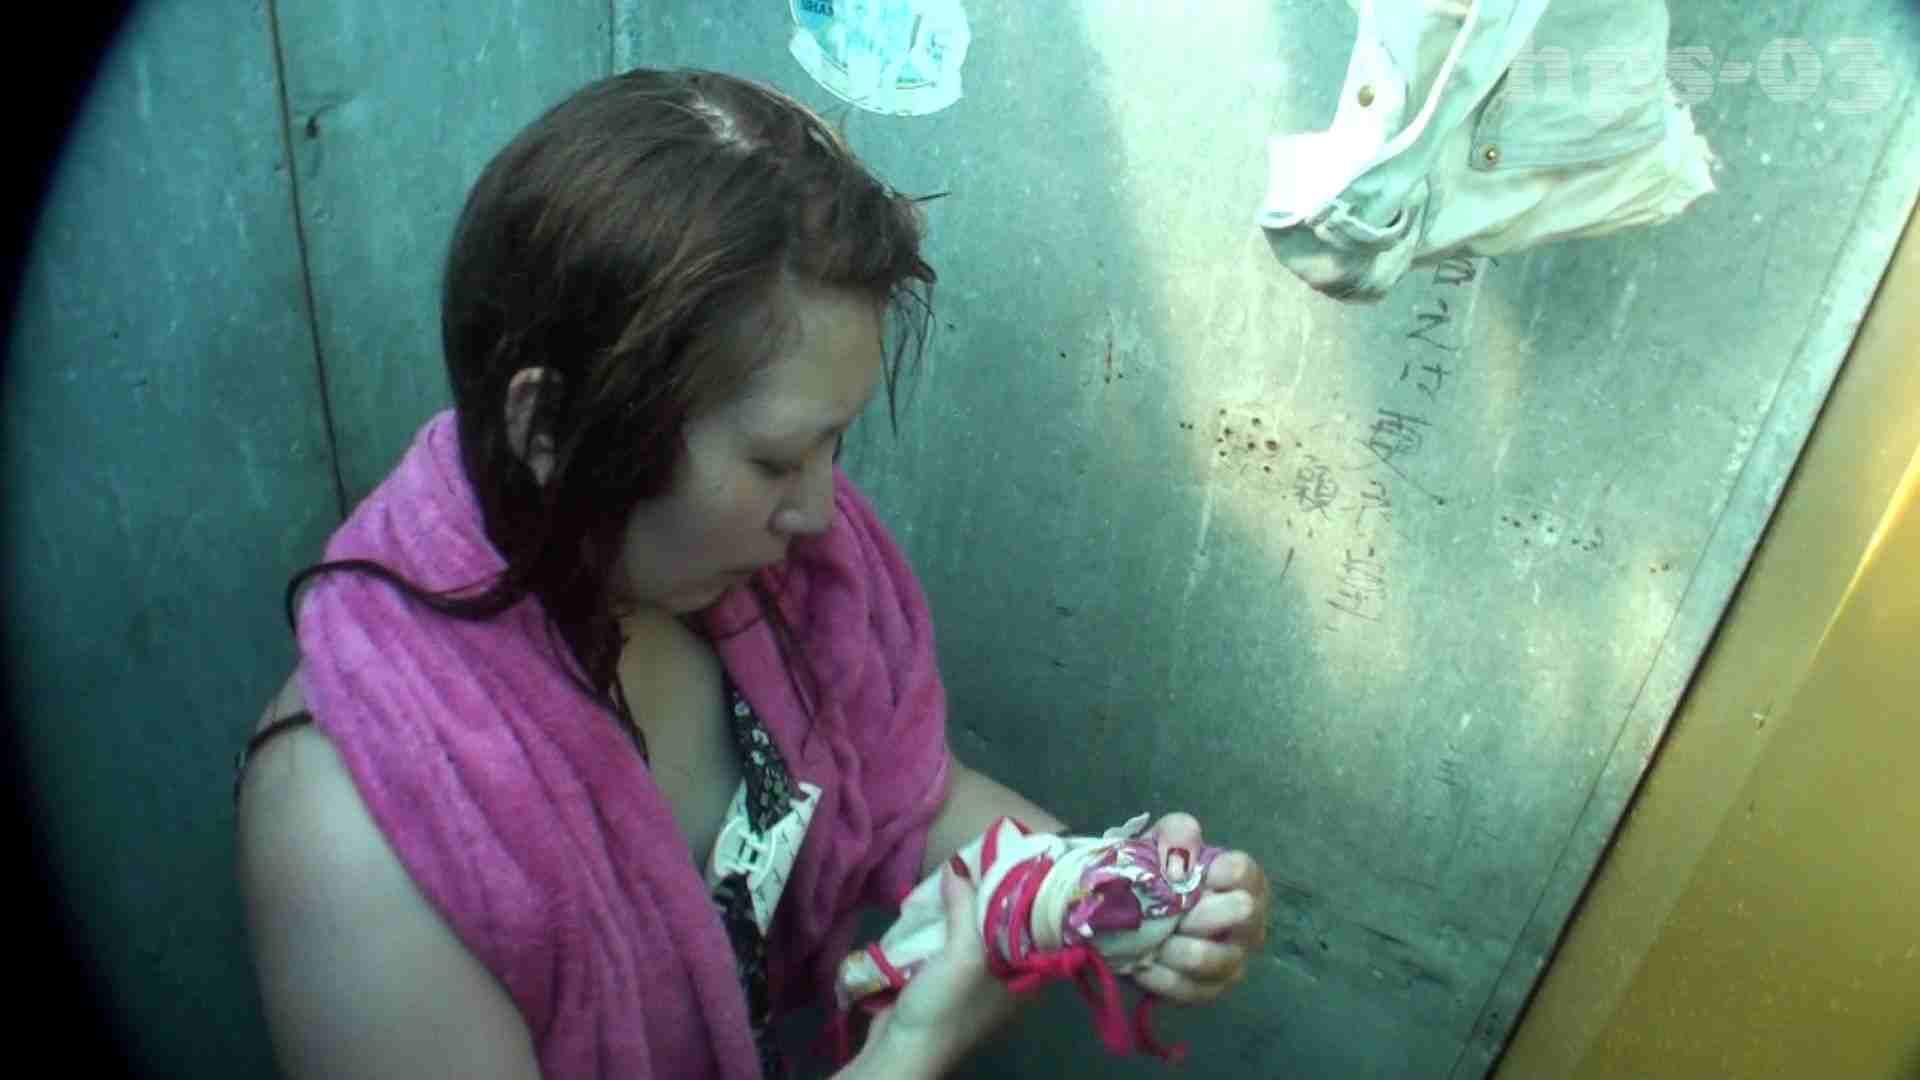 シャワールームは超!!危険な香りVol.3 ハートのタトゥーちょっとプヨってます。 シャワー  103画像 21